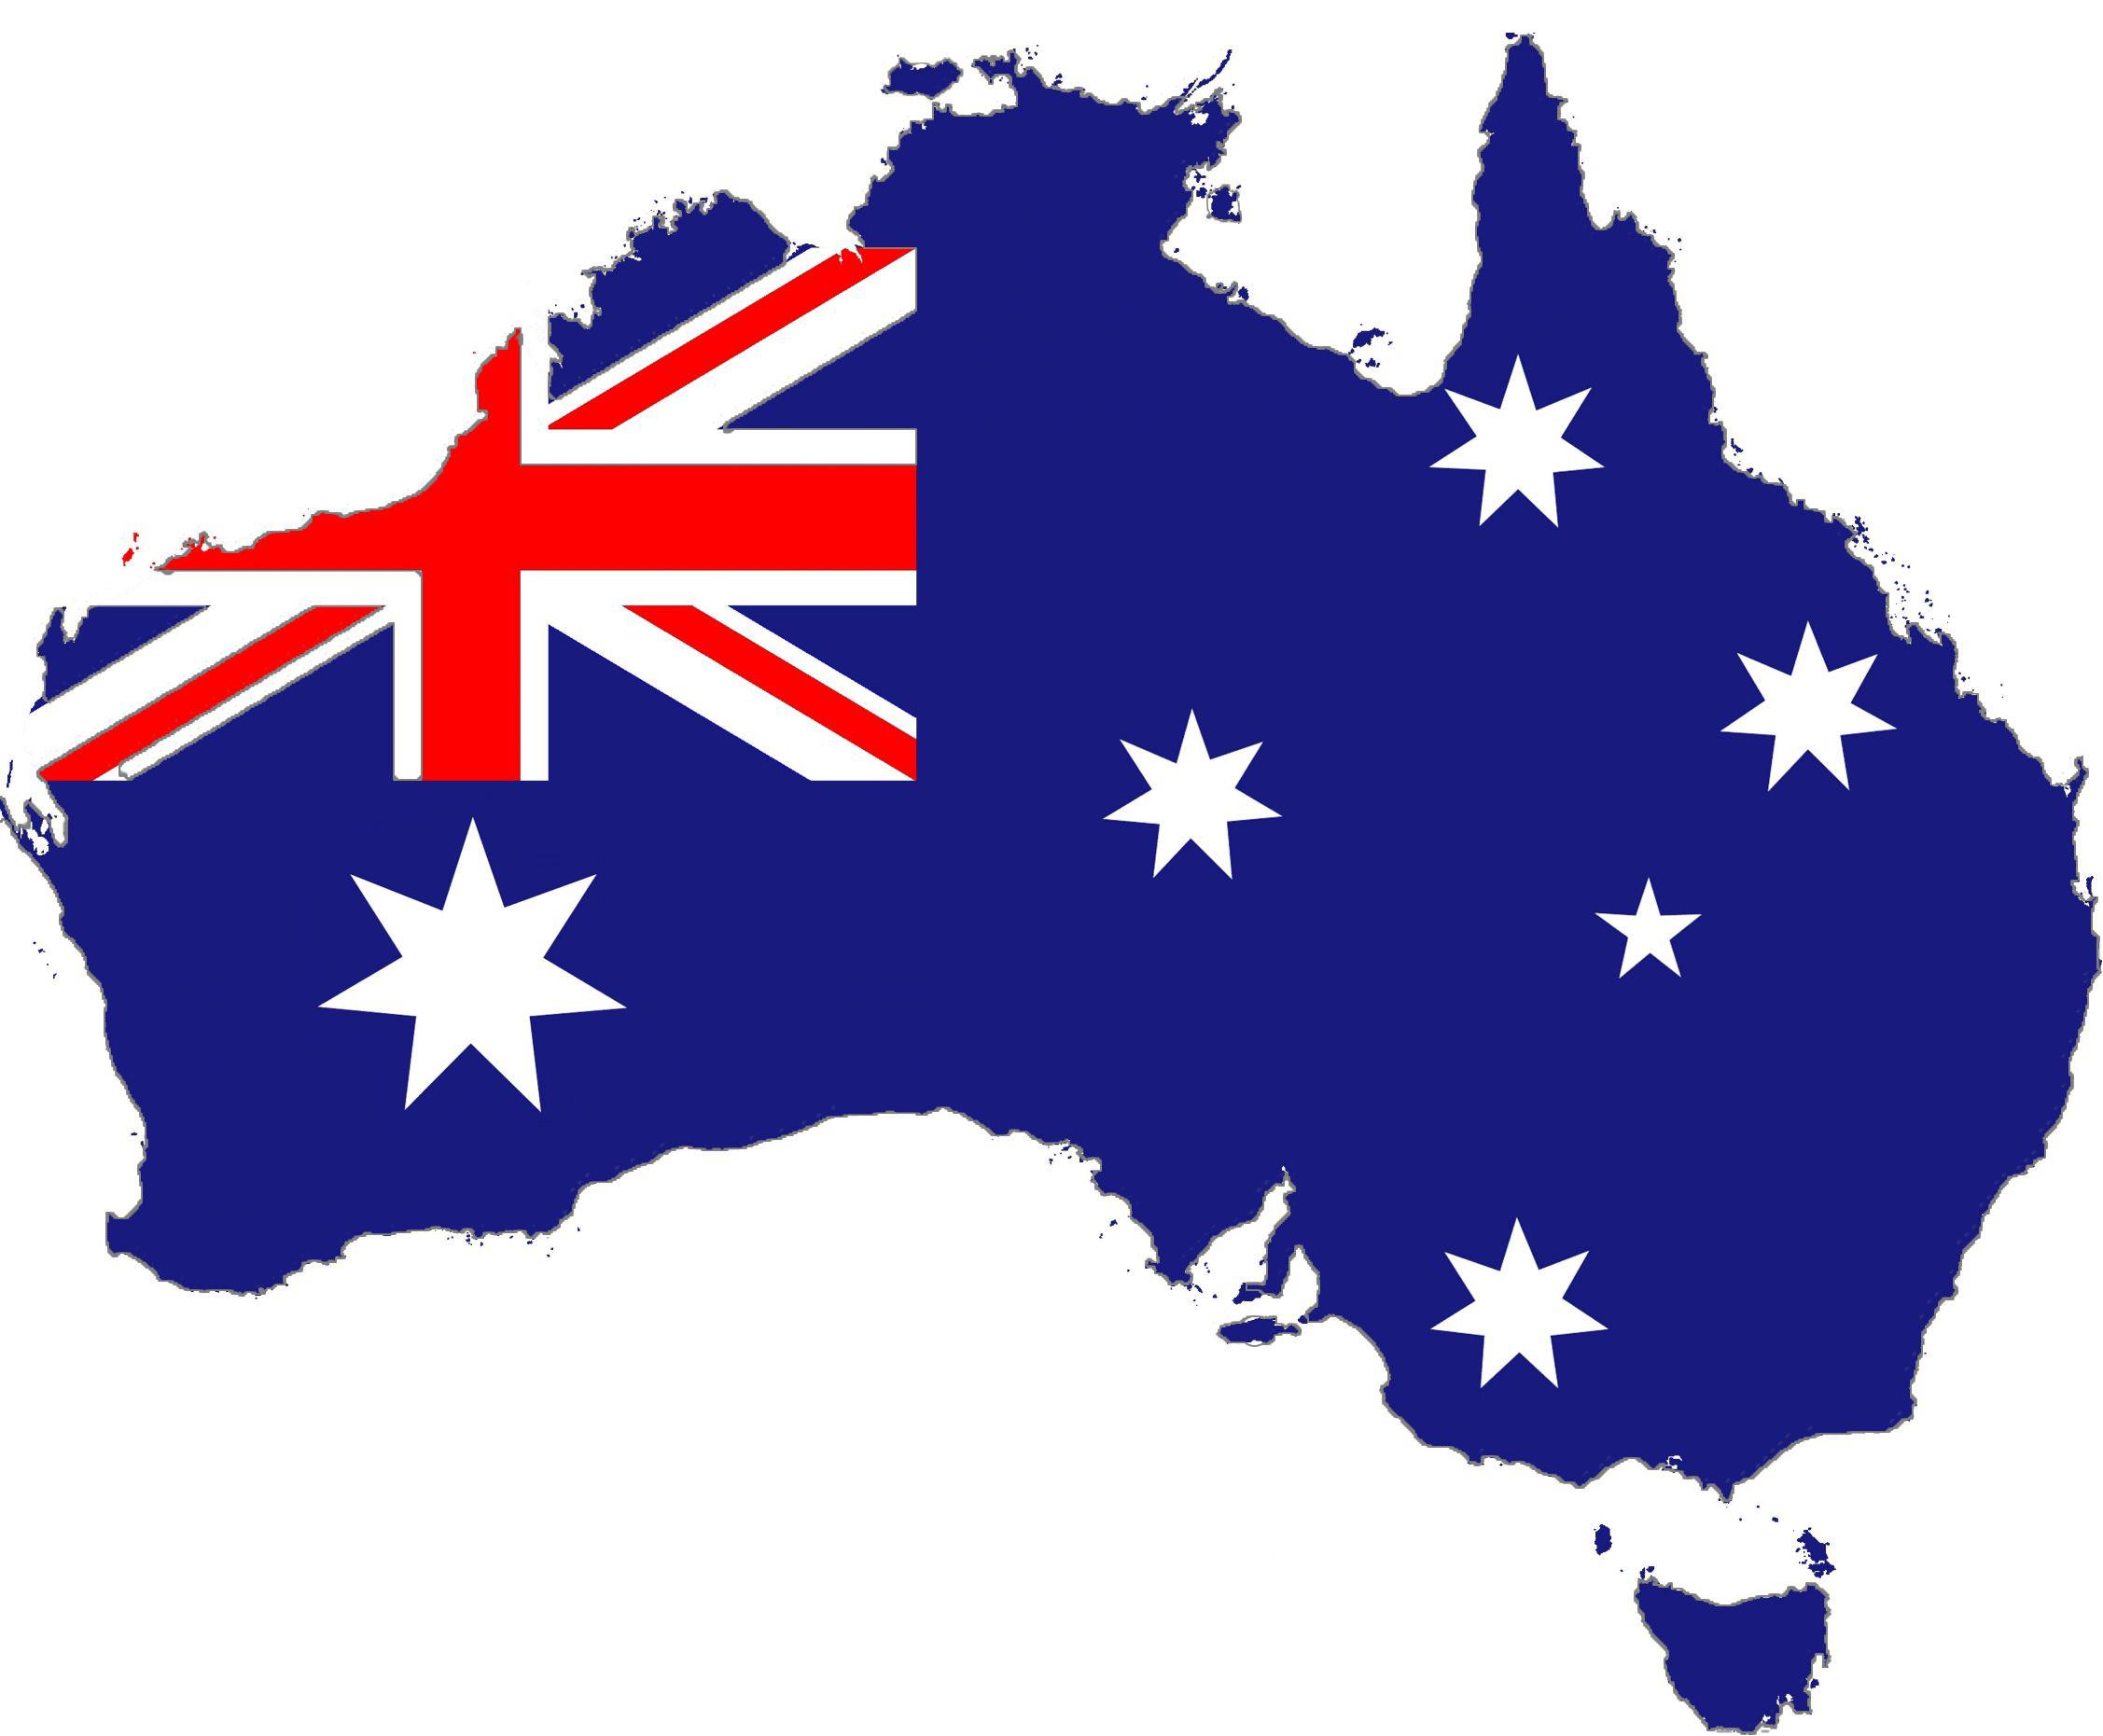 AustralianFlag copy.jpg